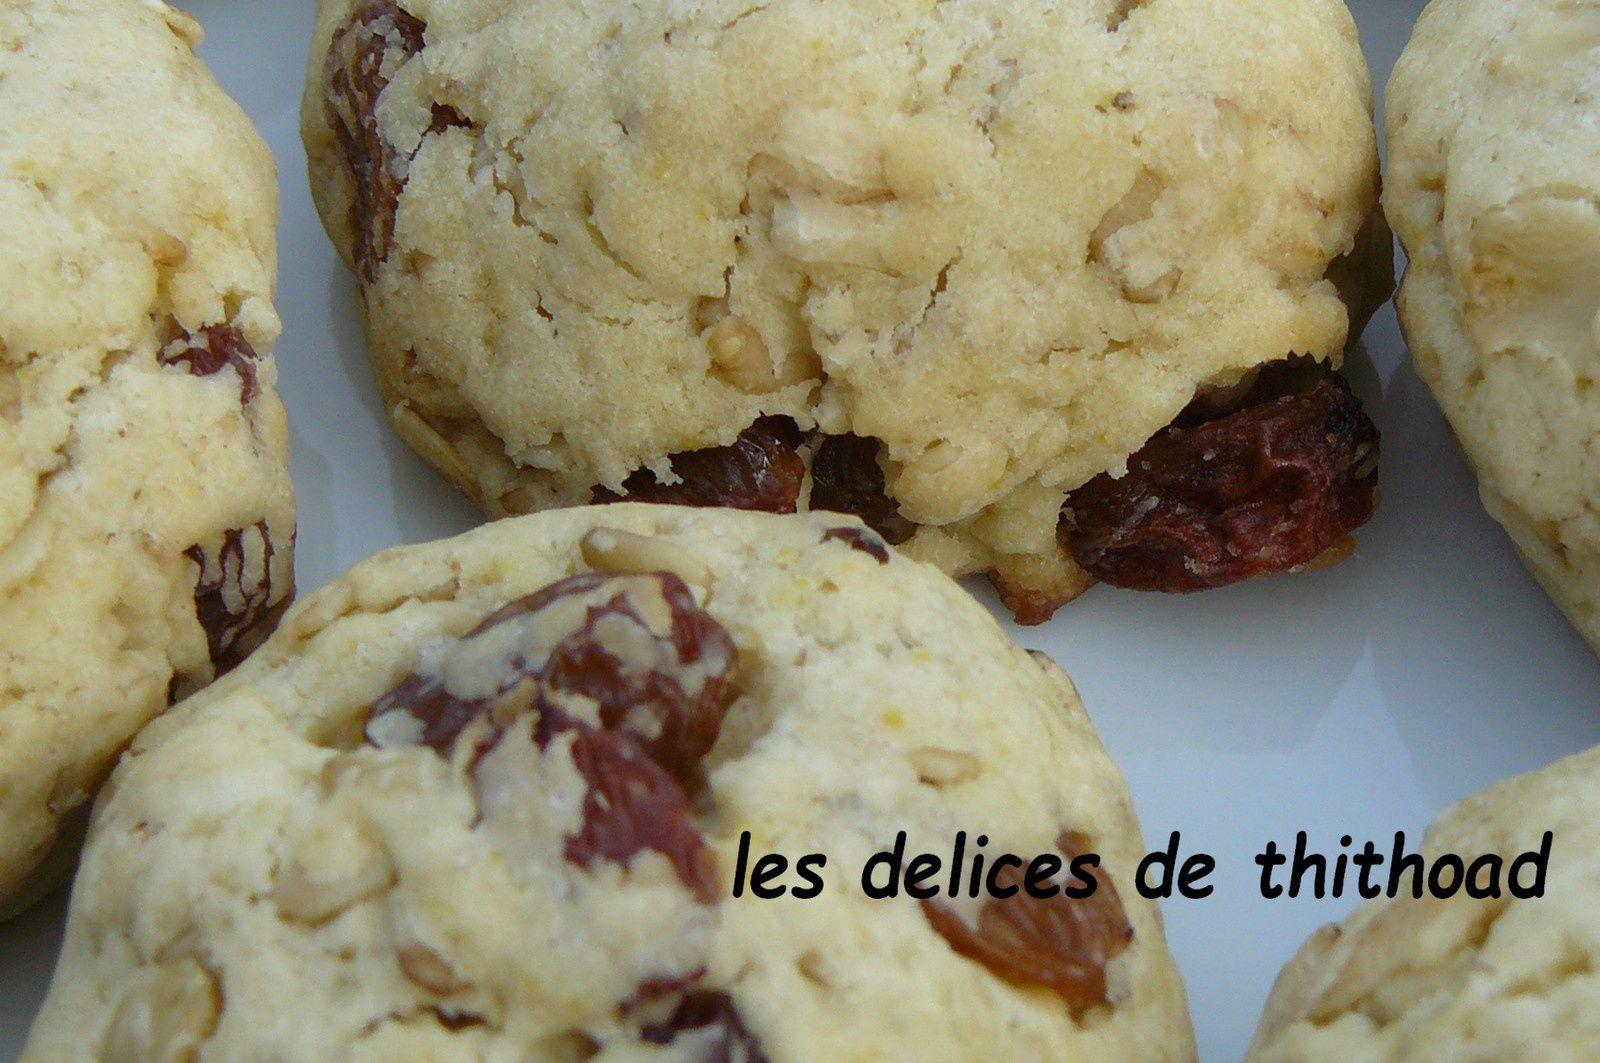 cookies aux flocons d'avoine et raisins secs